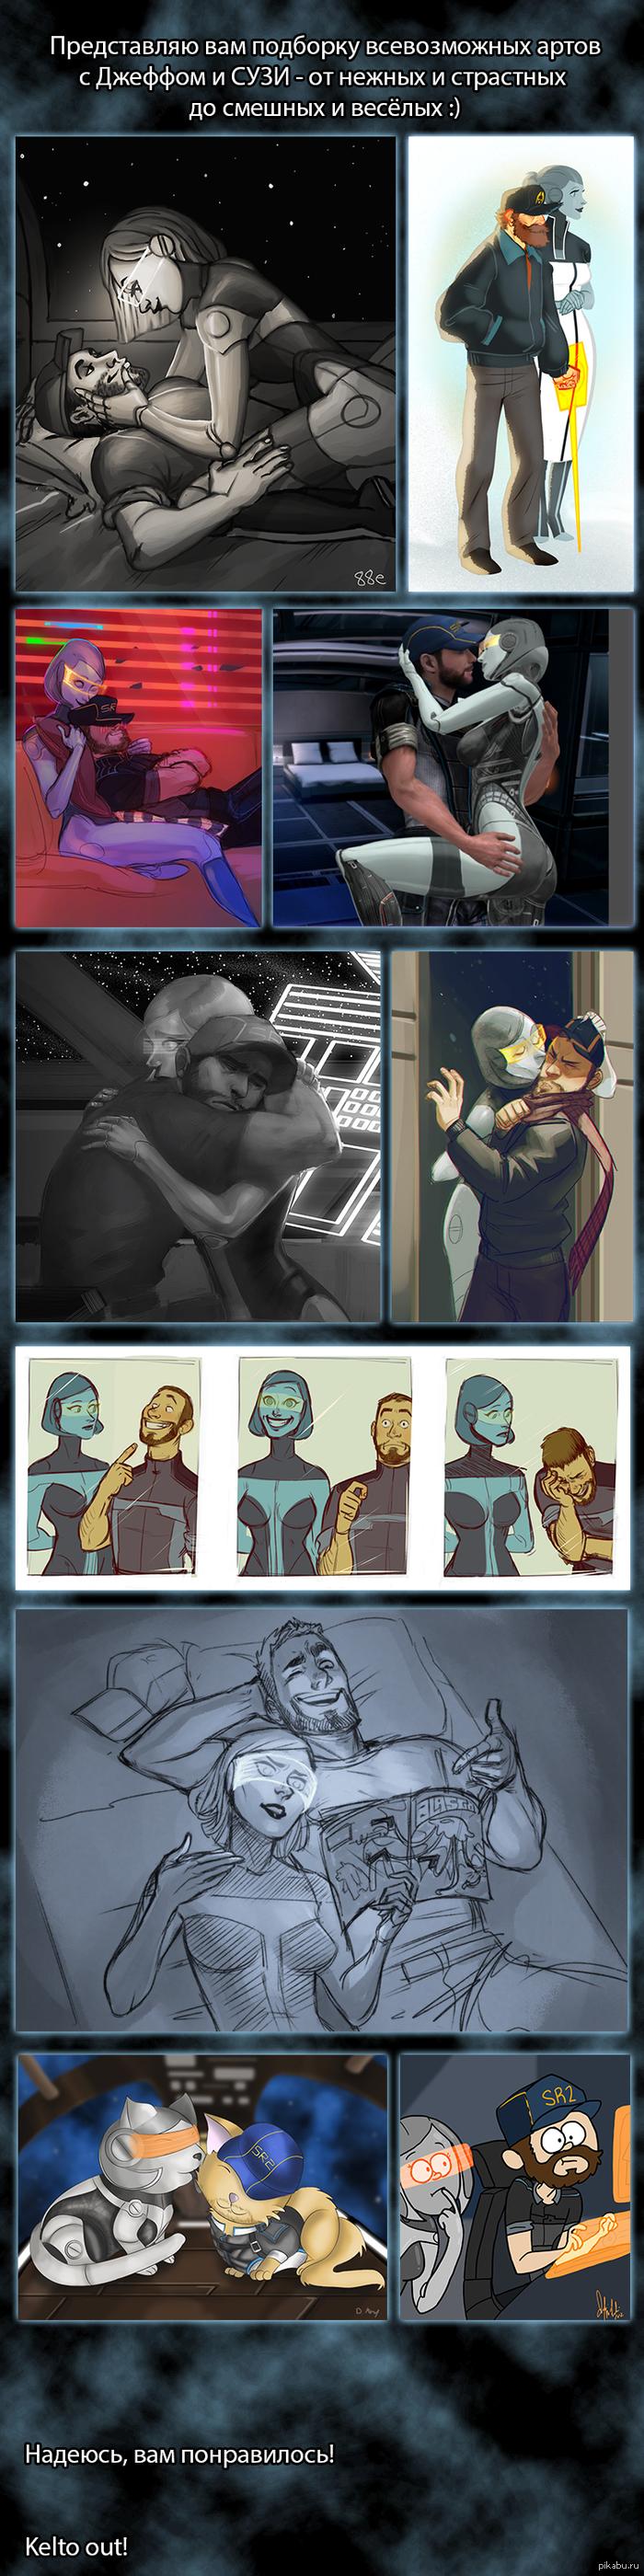 [Mass Effect] Джокер и СУЗИ несколько артов, склееных вместе :)